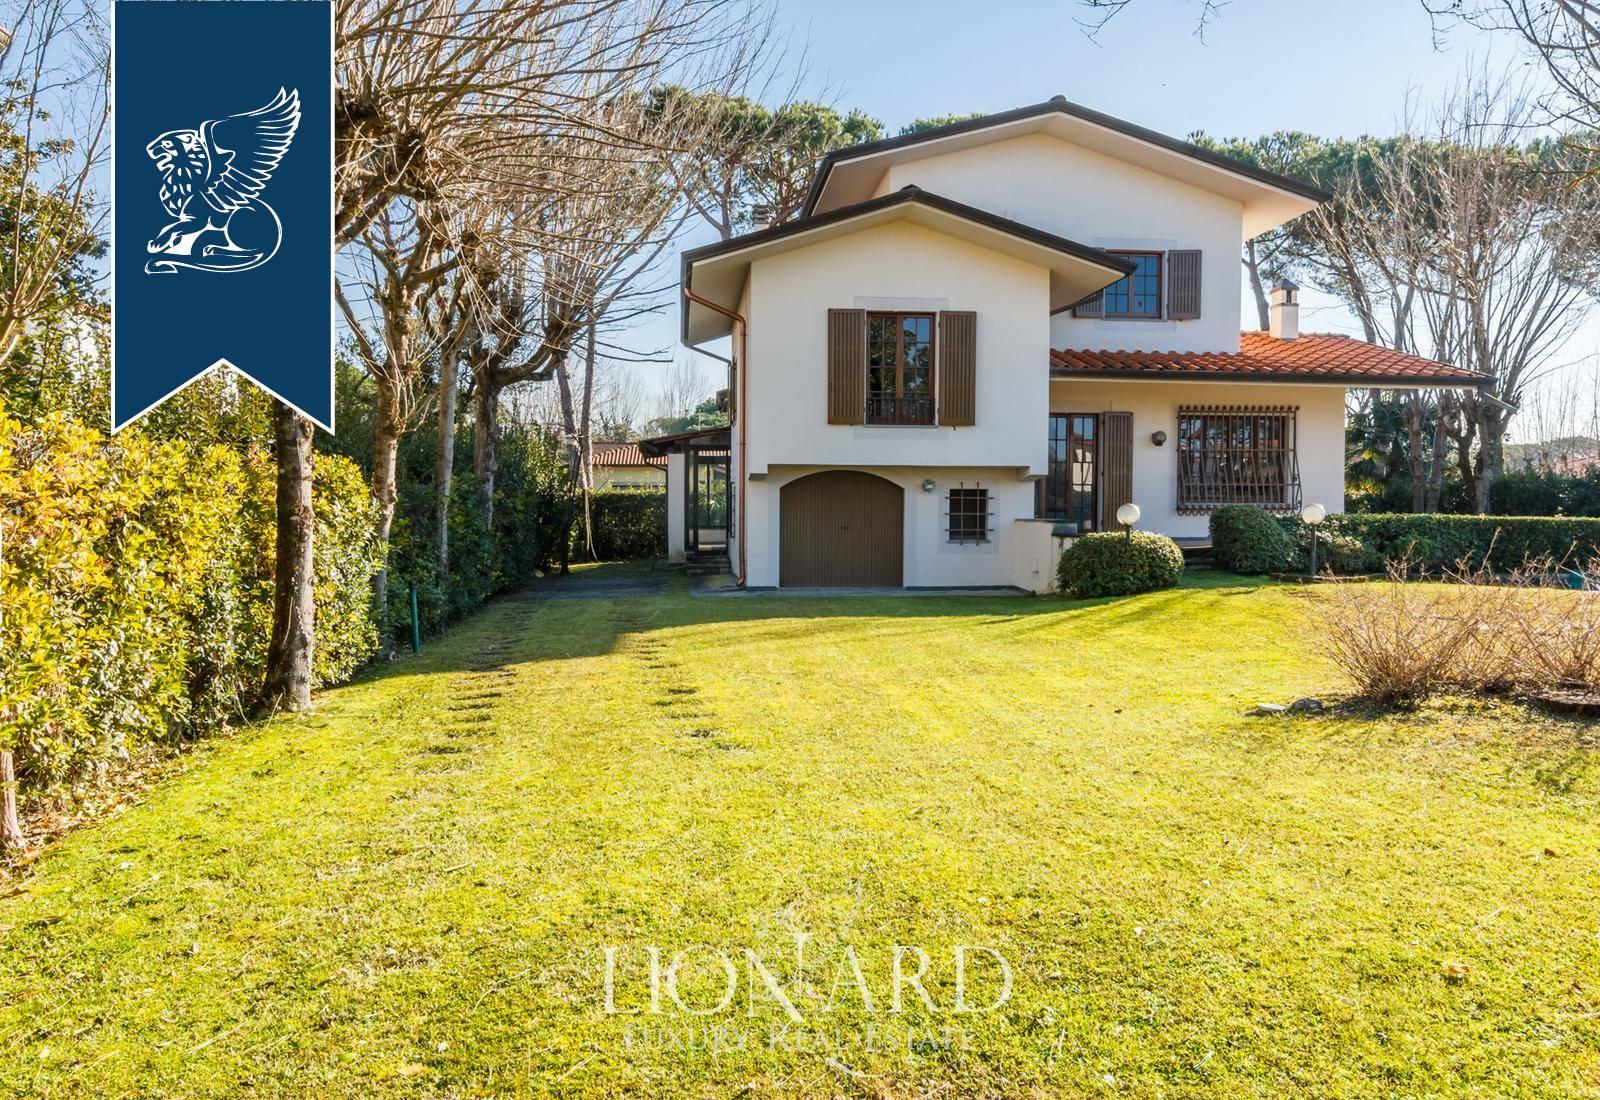 Villa in Vendita a Forte Dei Marmi: 0 locali, 304 mq - Foto 4